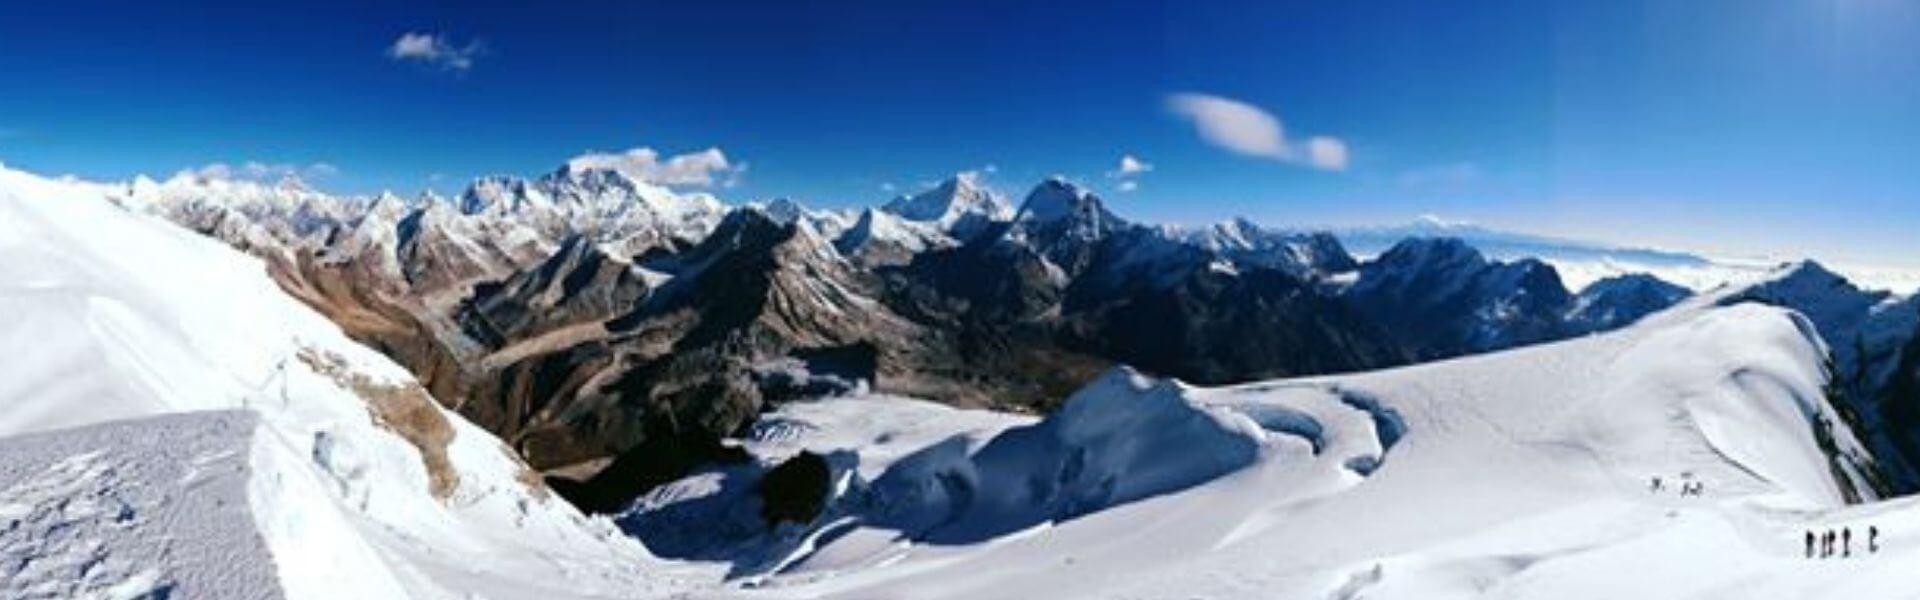 Peak Climbing in Nepal Blog